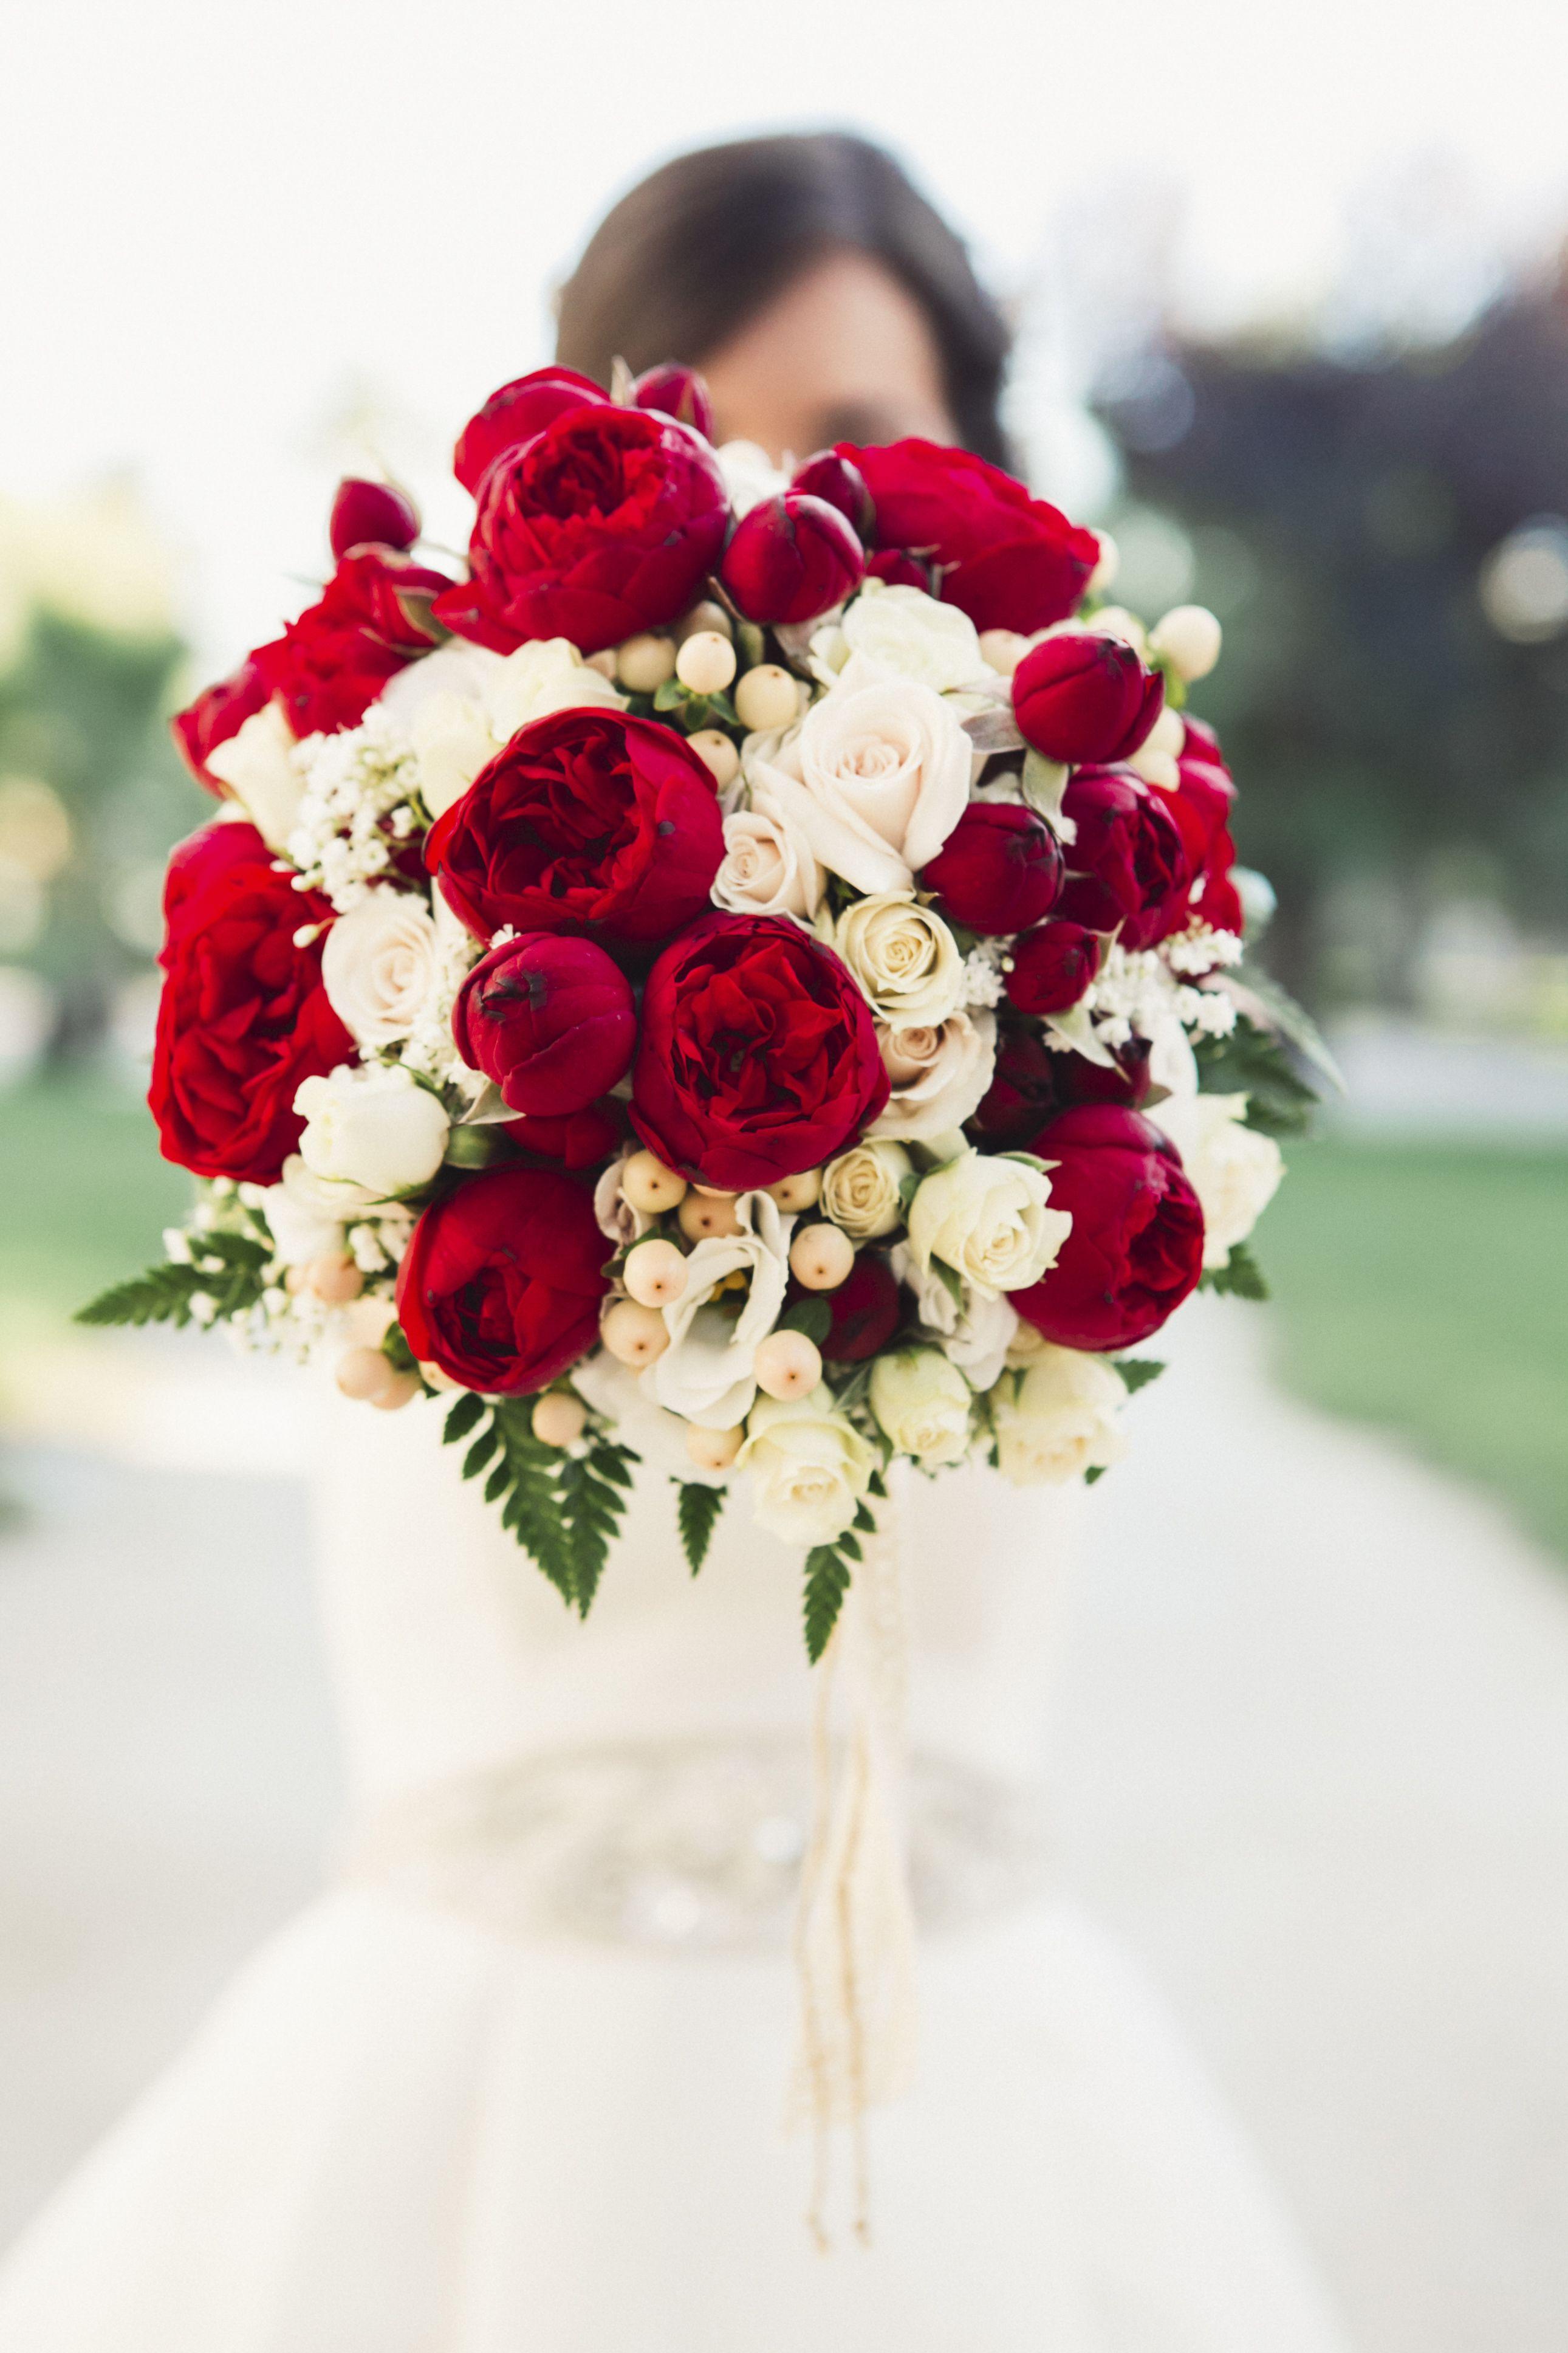 Ramo De Rosas Rojas Y Blancas Future Wedding Pinterest Red